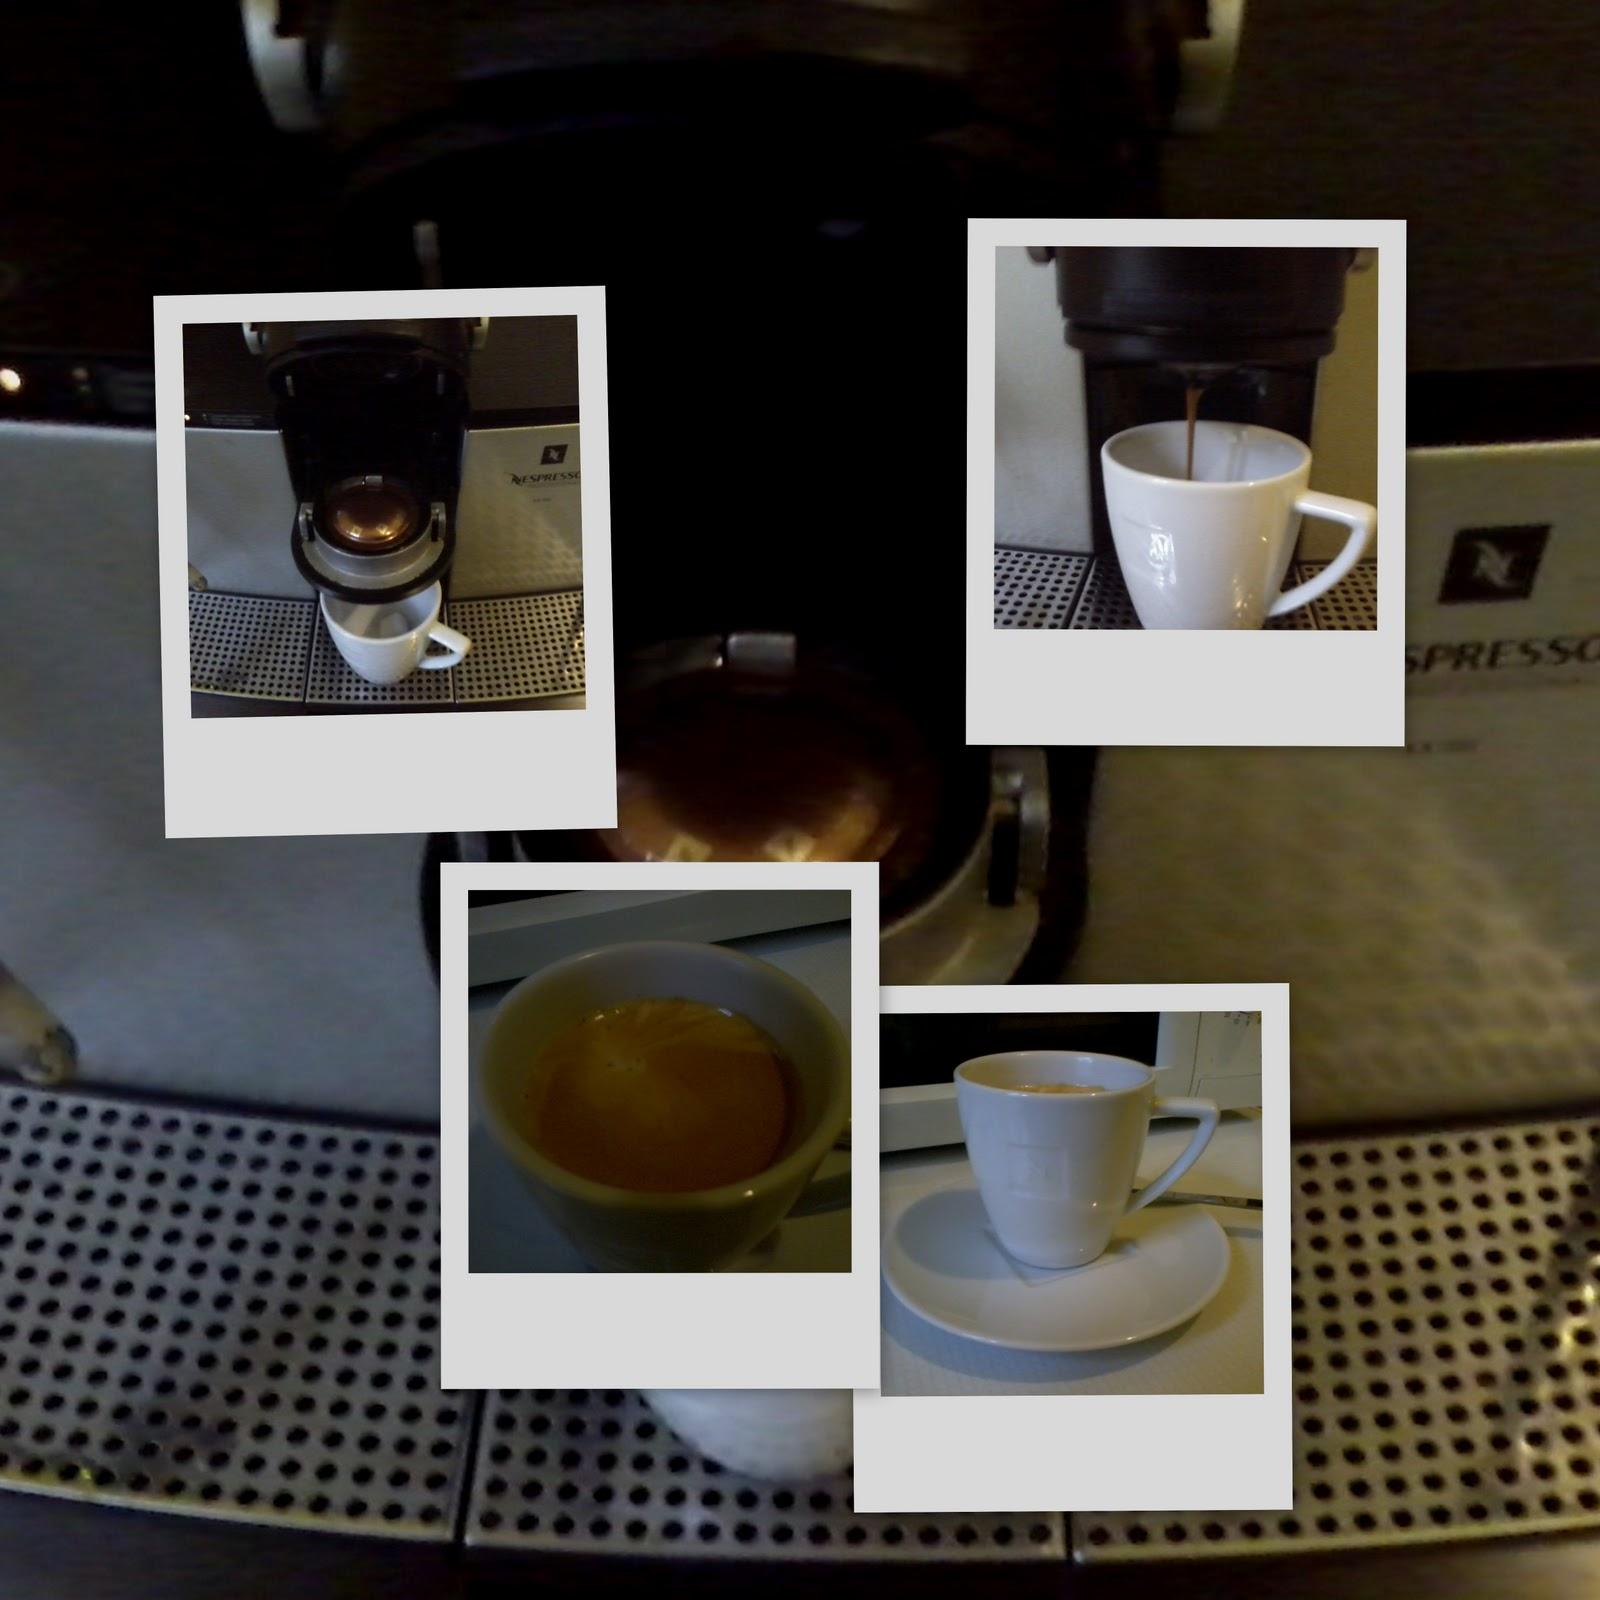 Kaffee+am+Morgen Faszinierend 40 Watt Glühbirne Entspricht Energiesparlampe Dekorationen